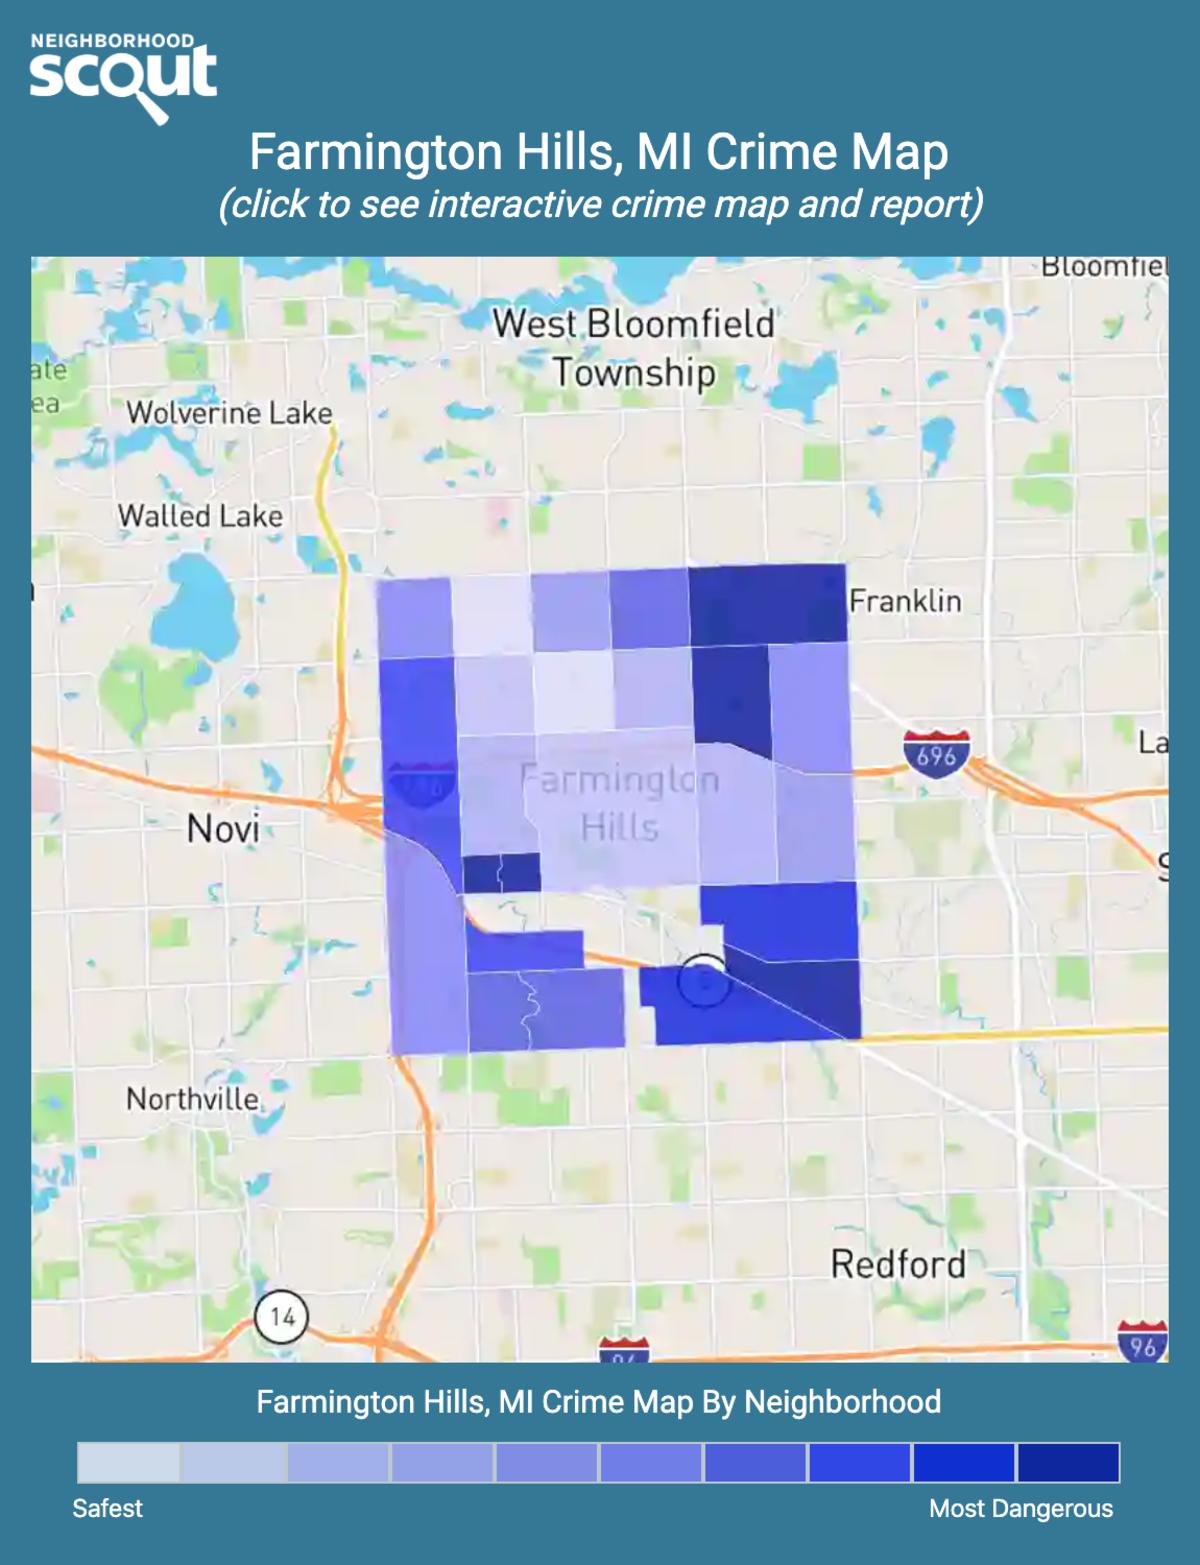 Farmington Hills, Michigan crime map